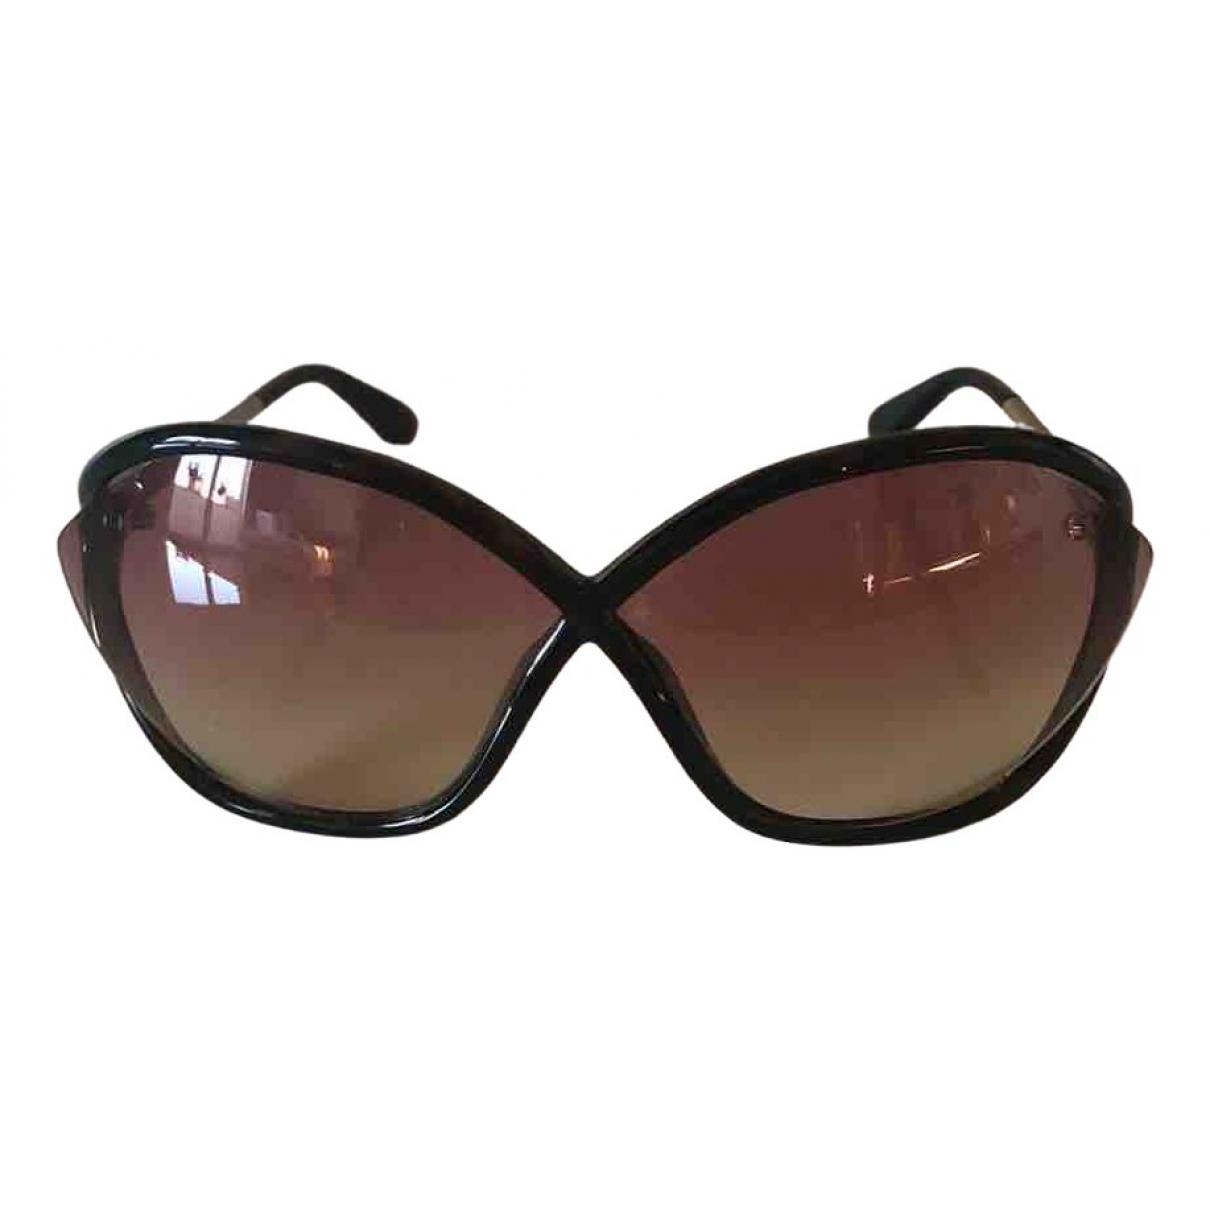 Tom Ford - Lunettes   pour femme en autre - marron